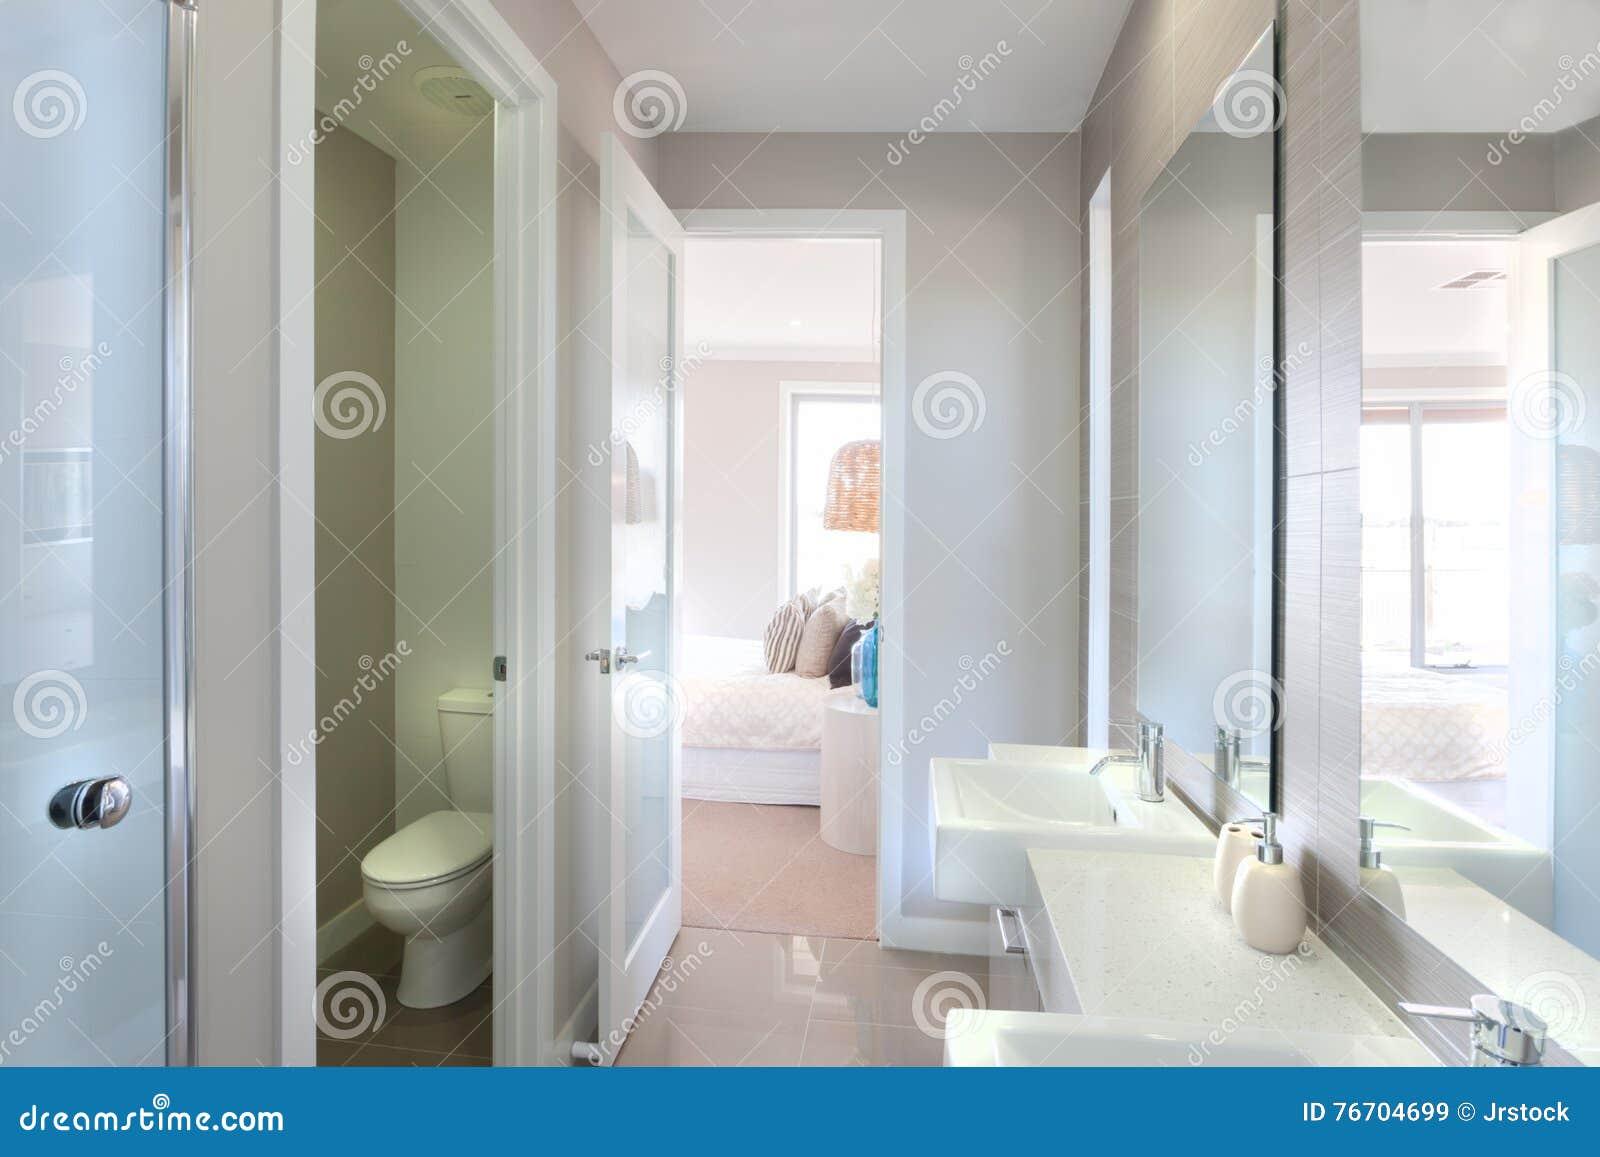 Vista Di Un Bagno Moderno Con La Toilette Ed Il Modo Alla Camera Da